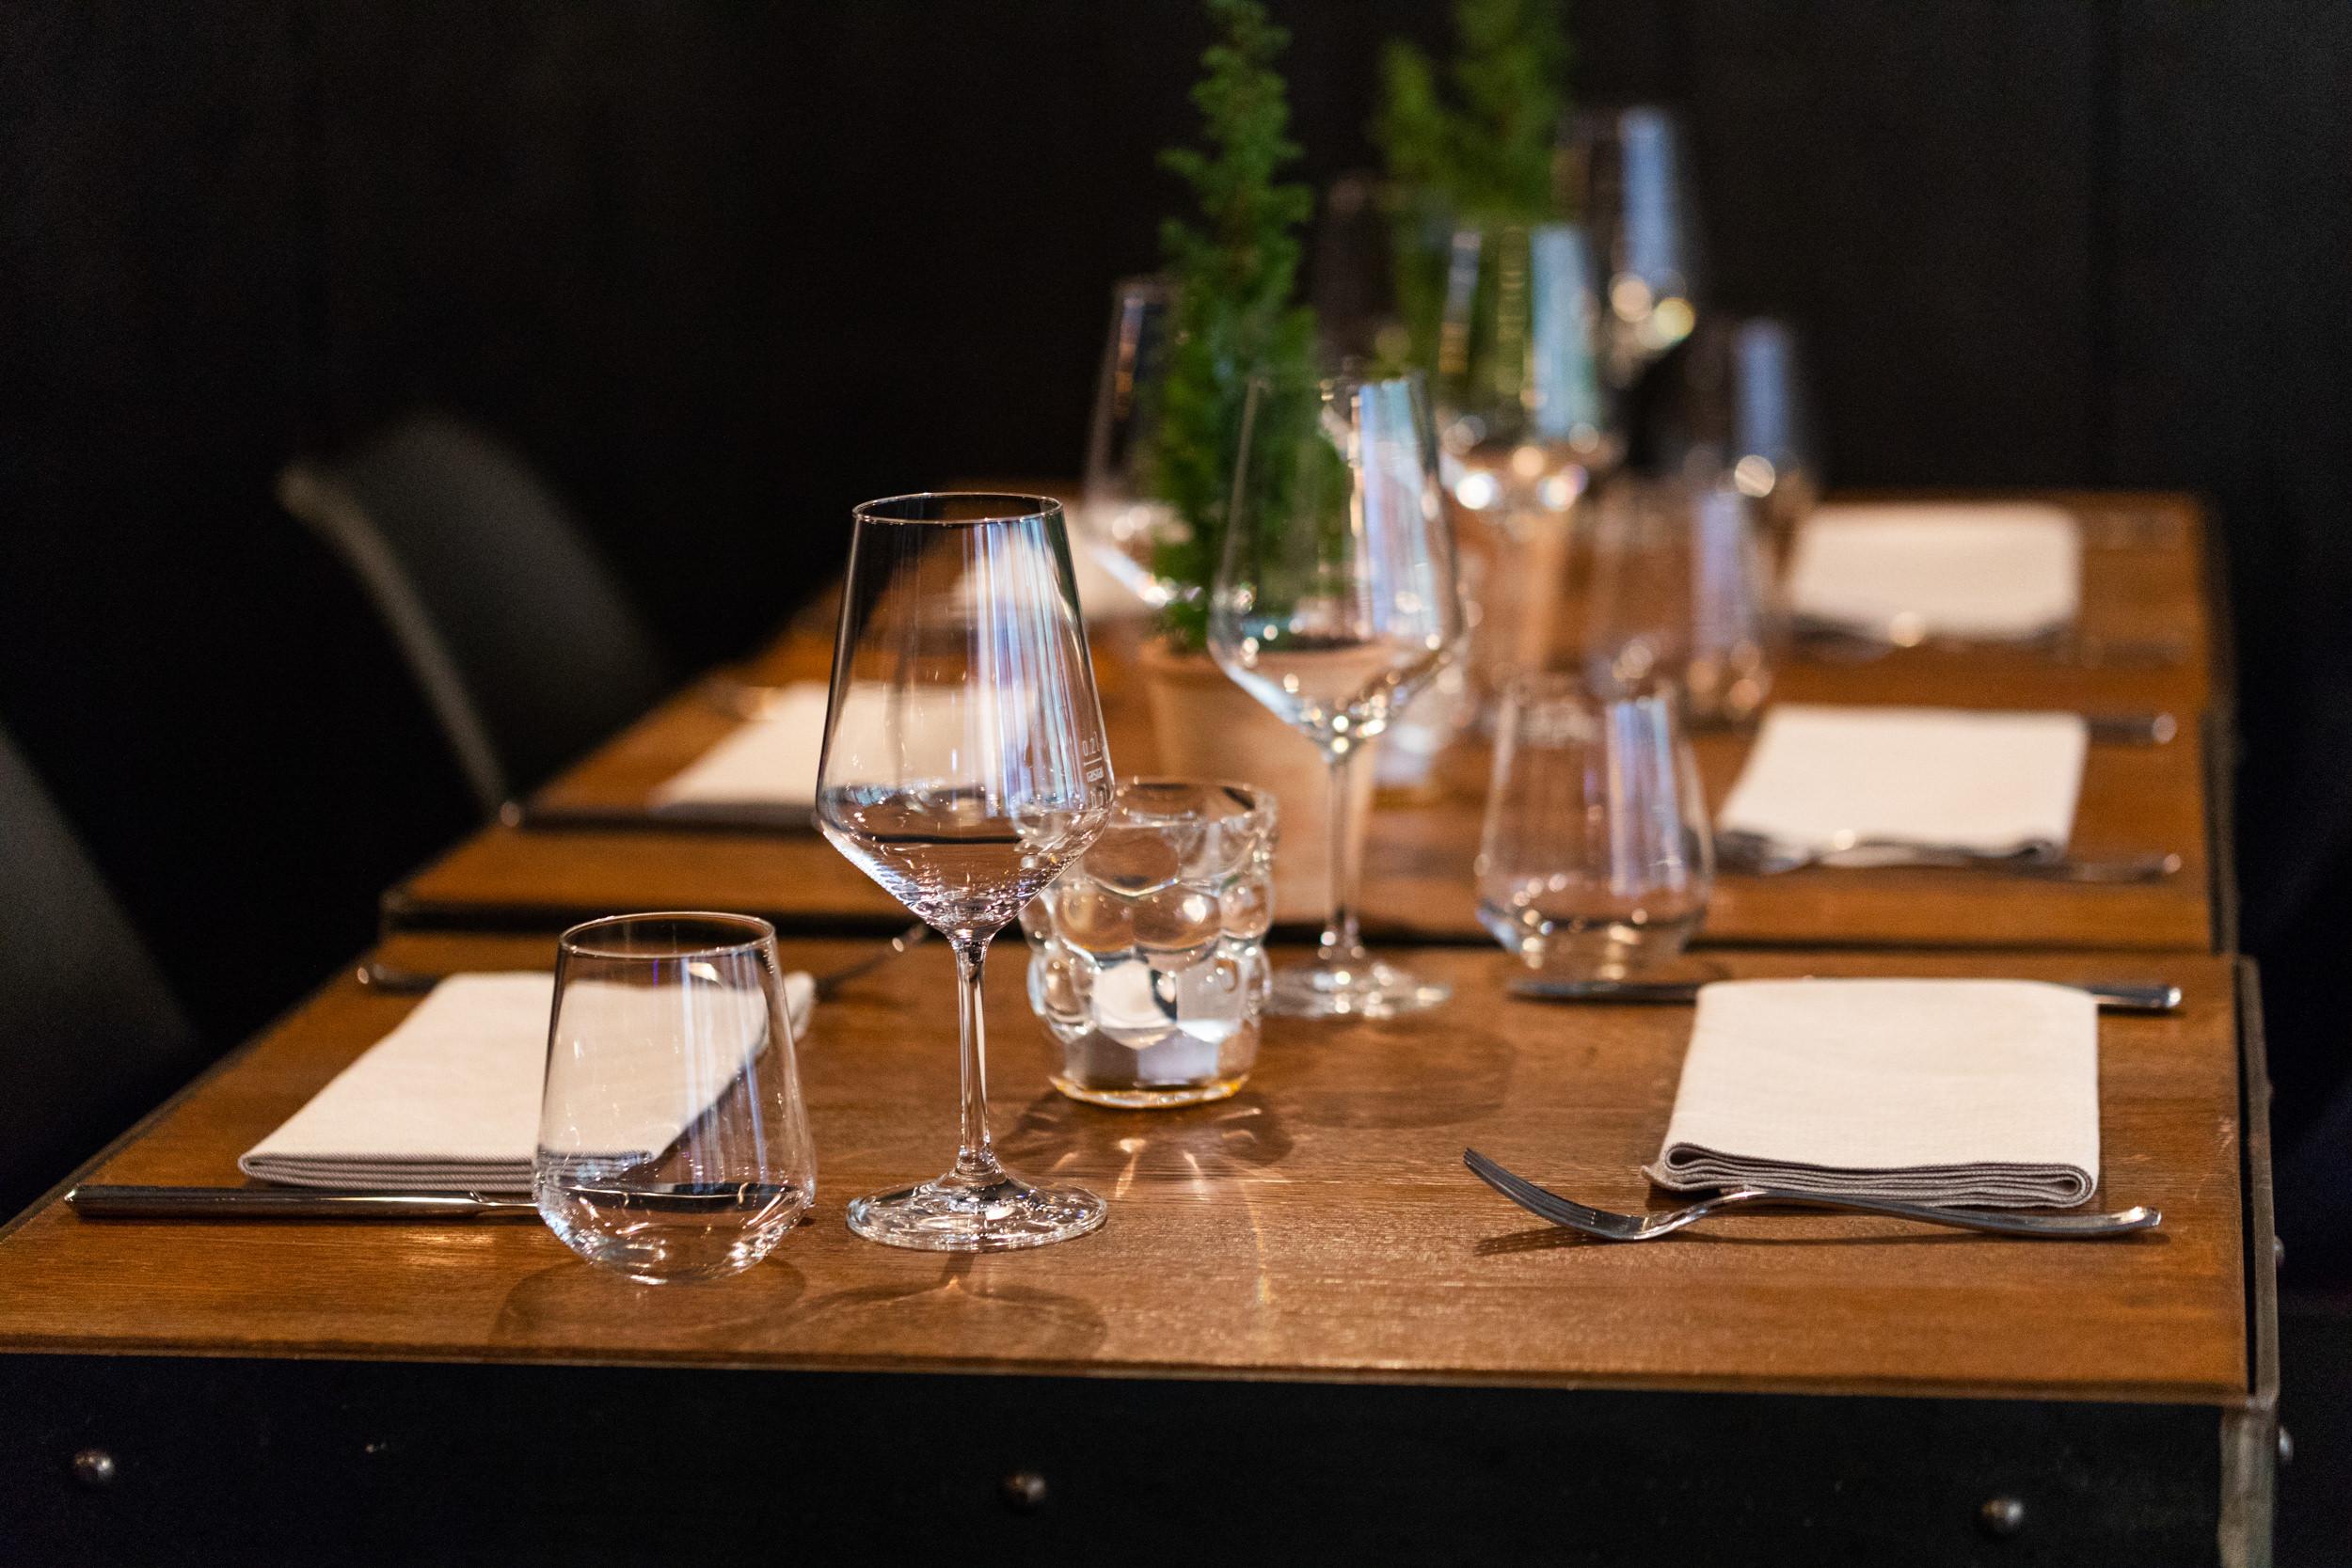 Steak Restaurant Frankfurt Photography Patrick Schmetzer 1